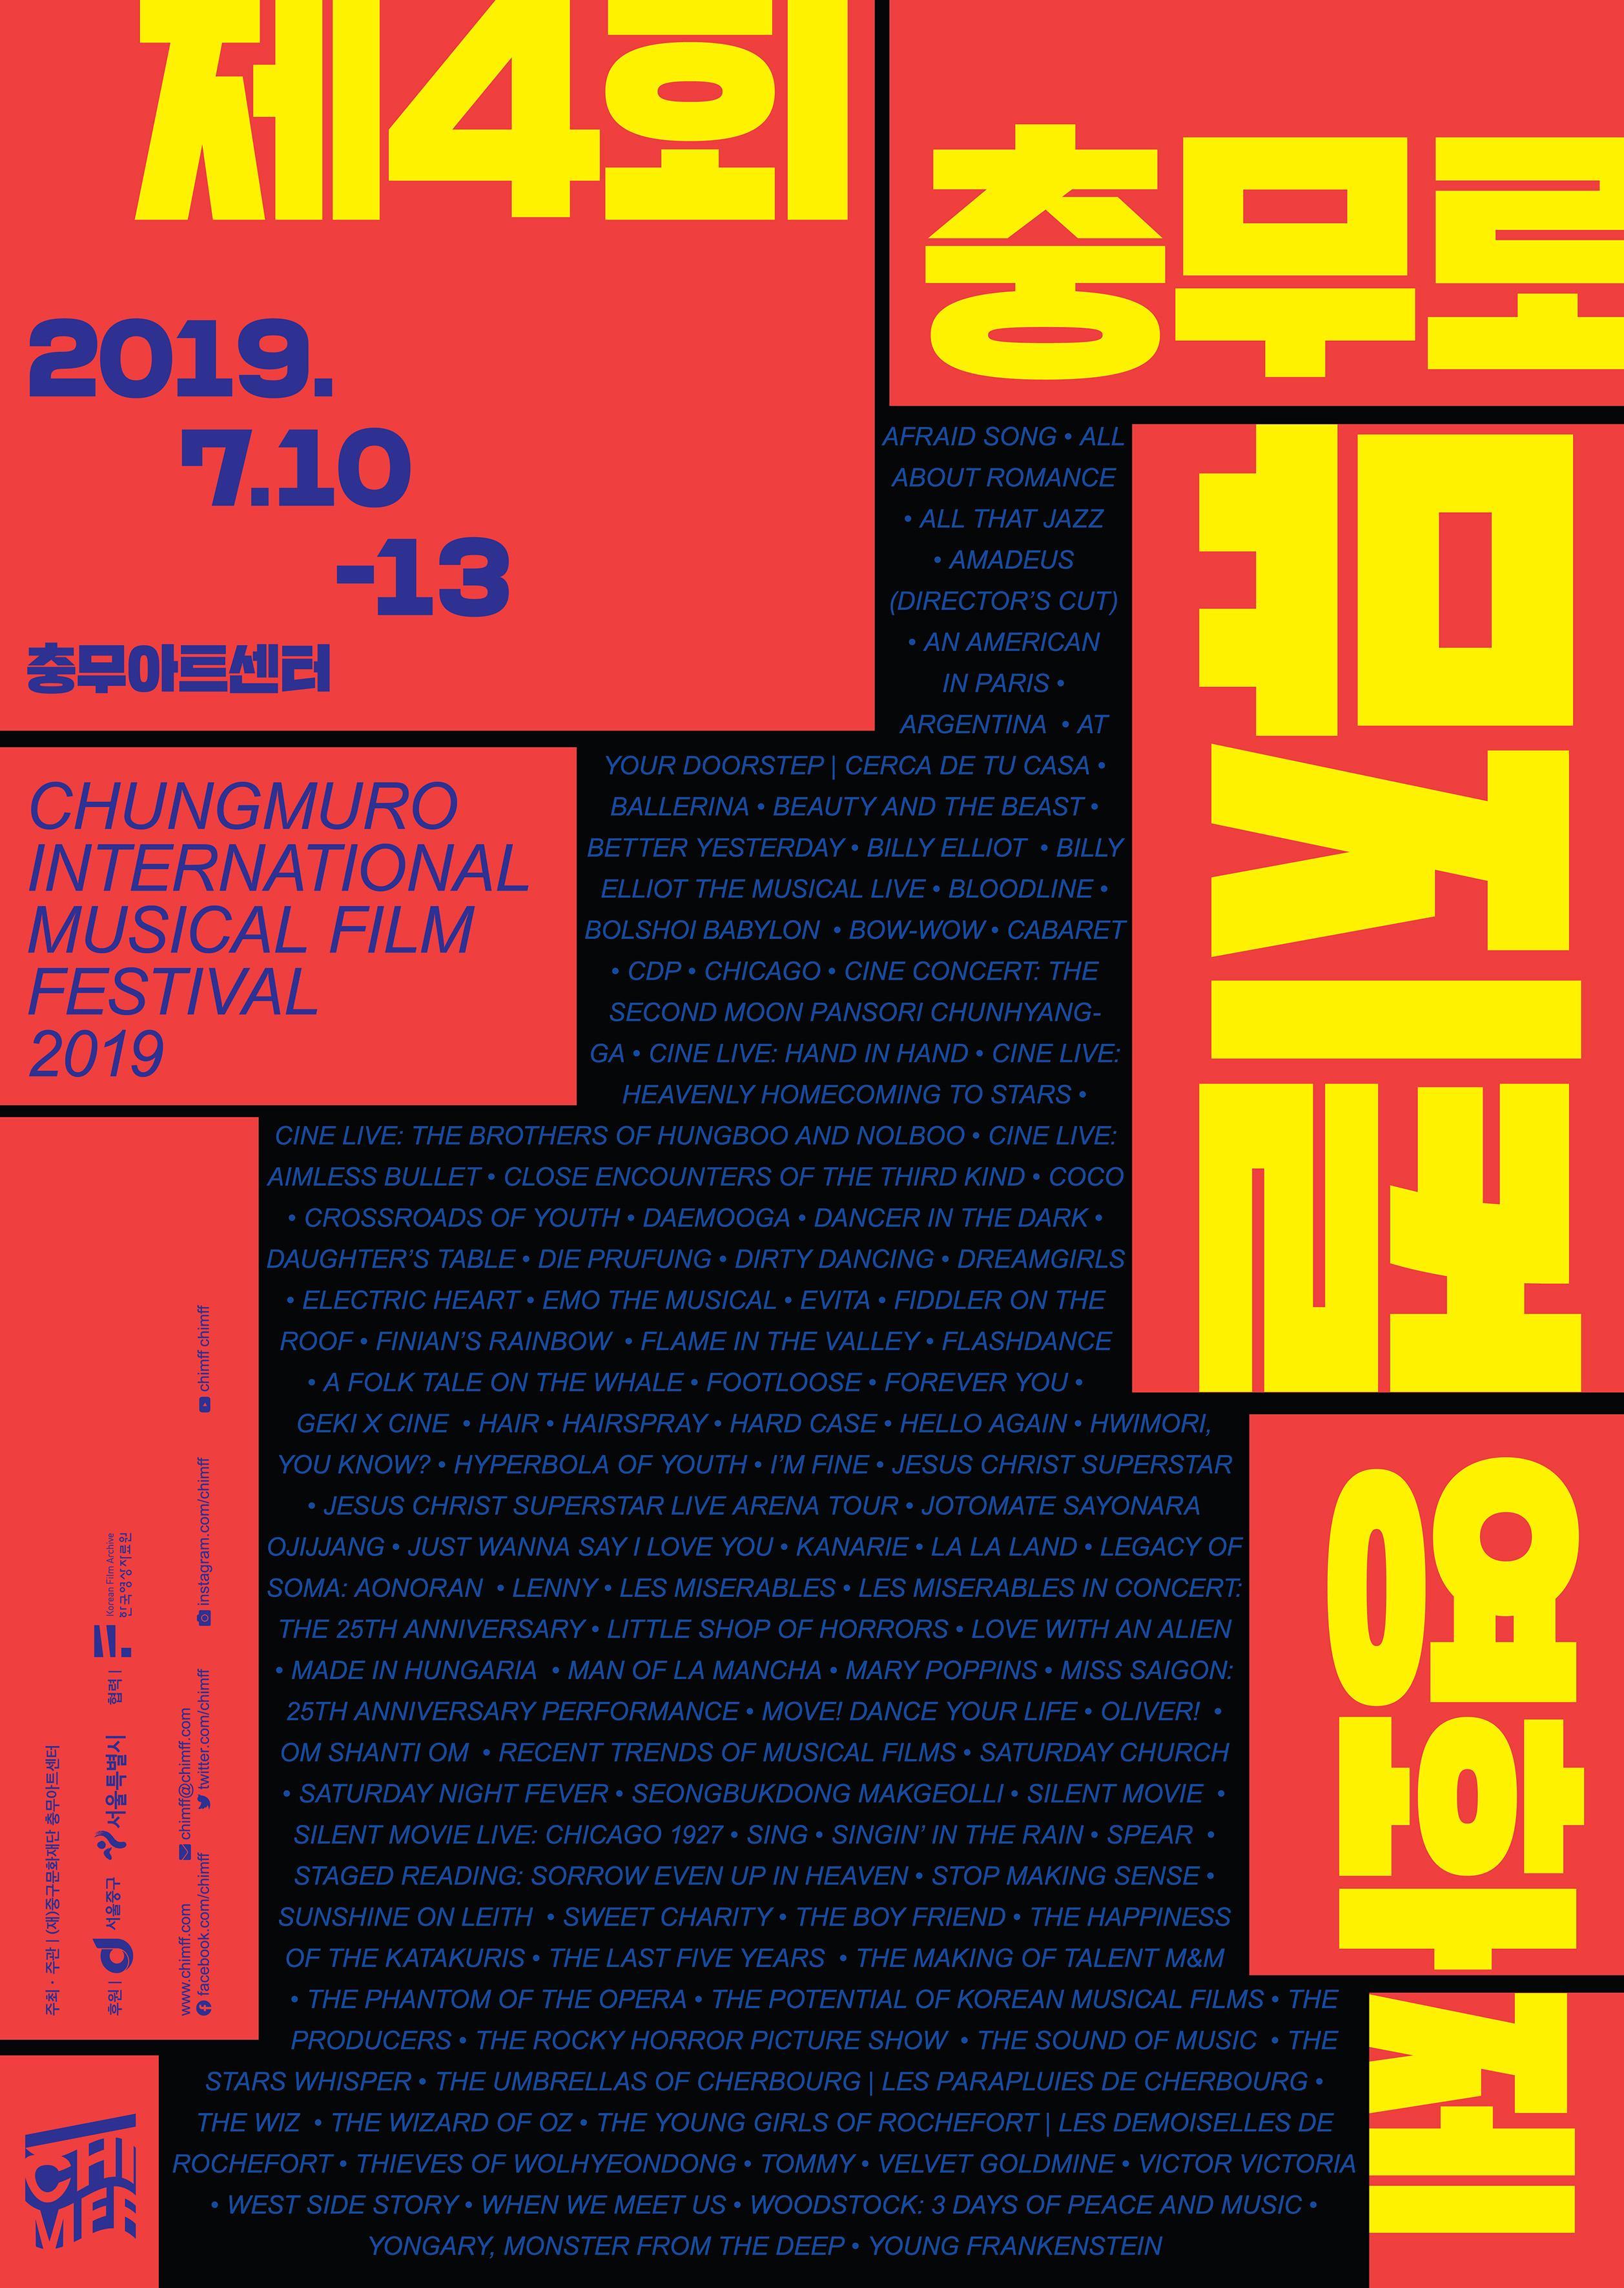 '제4회 충무로 뮤지컬영화제' 7월 10일 개막…18편 무료로